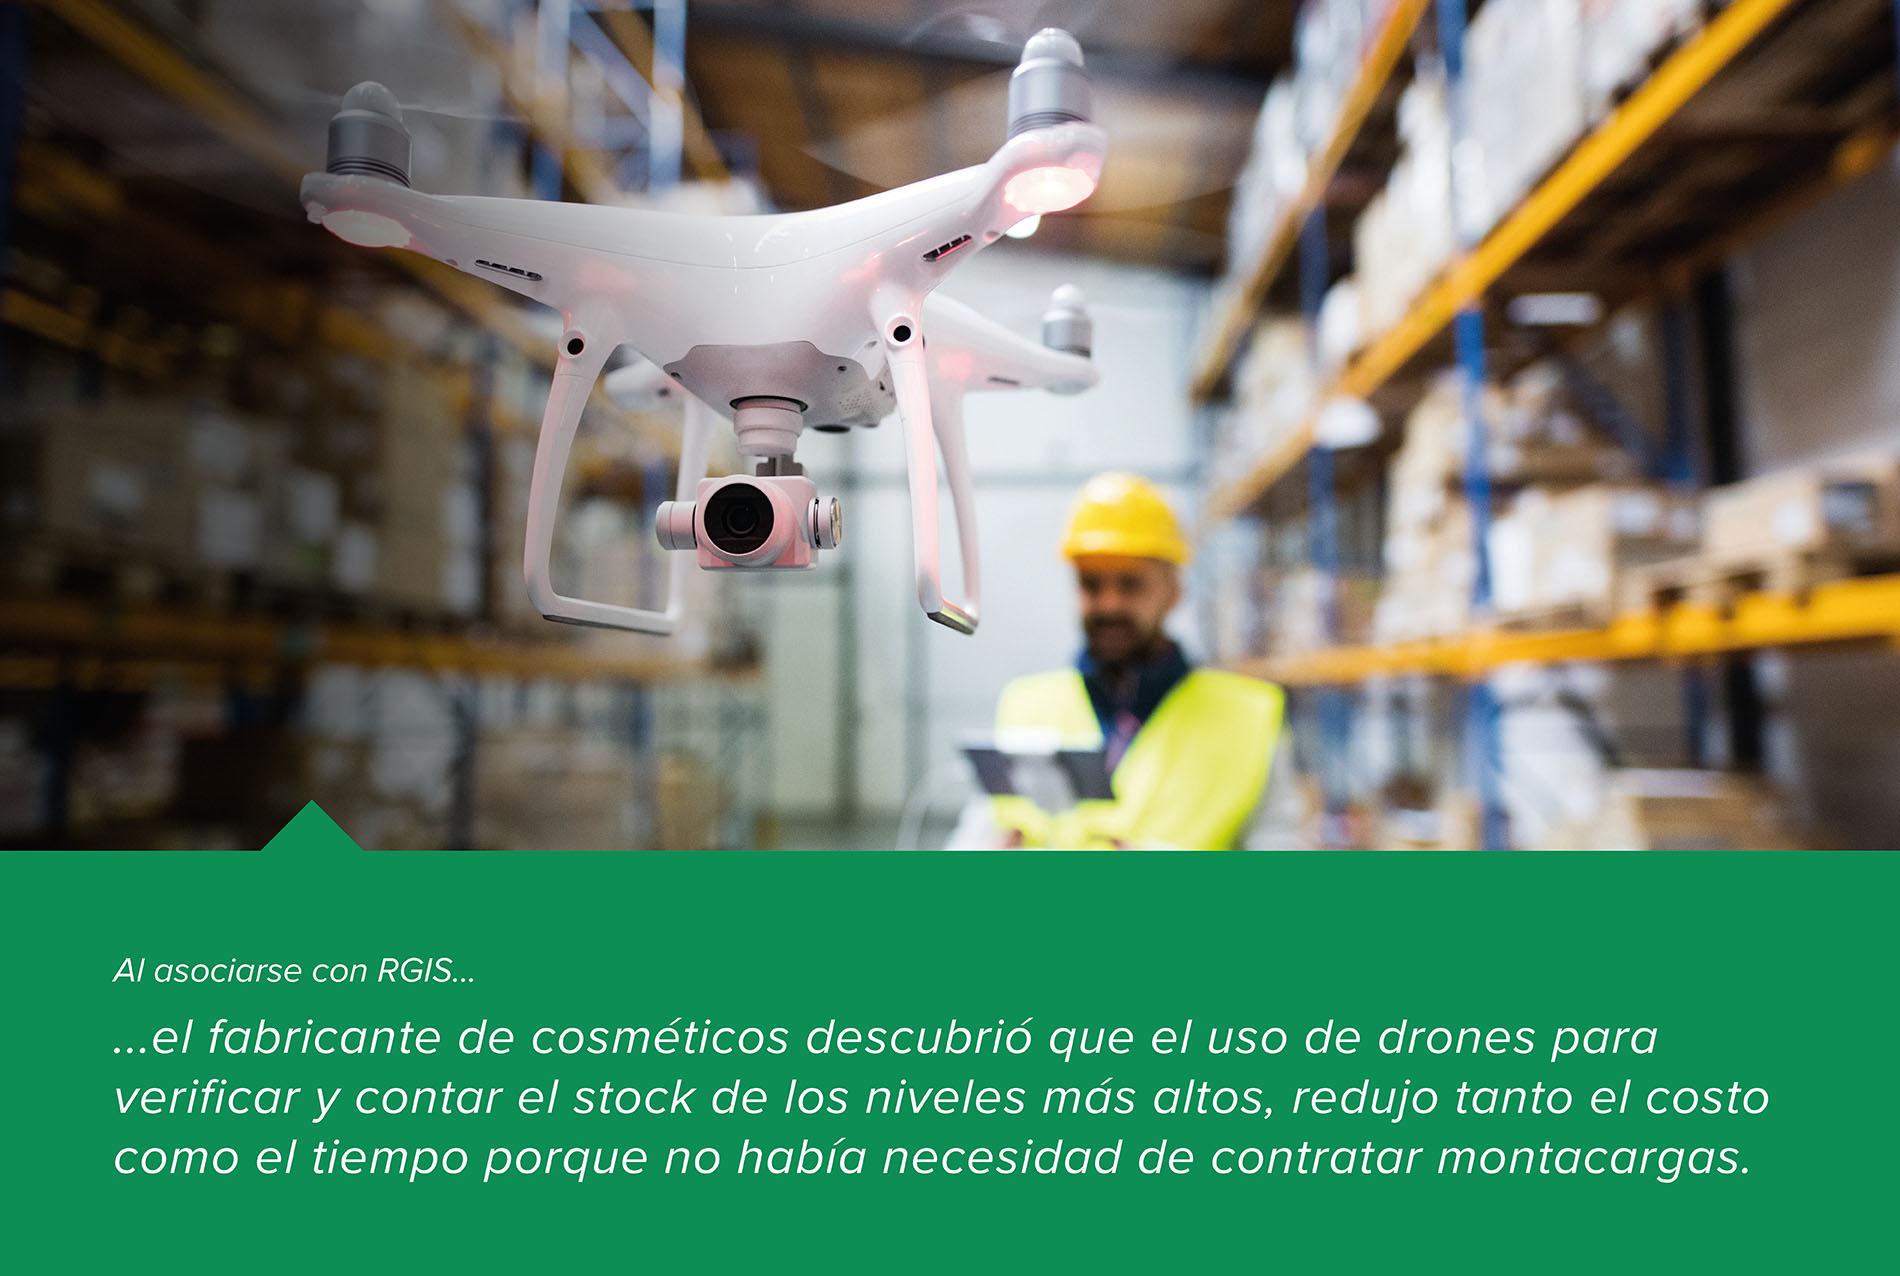 Conteo y verificación con drones en un almacén con códigos QR